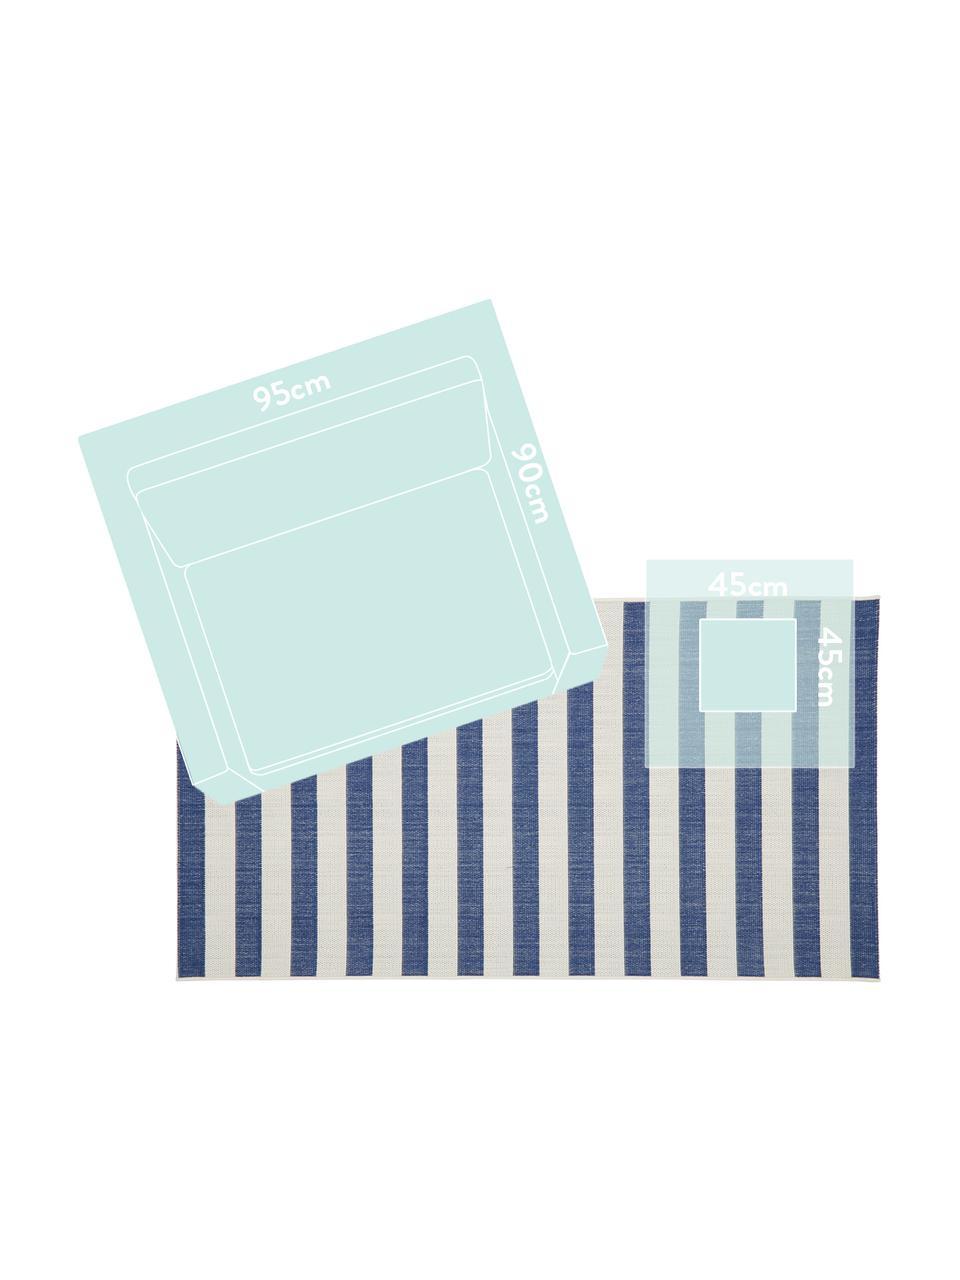 Dywan wewnętrzny/zewnętrzny Axa, 86% polipropylen, 14% poliester, Kremowobiały, niebieski, S 200 x D 290 cm (Rozmiar L)